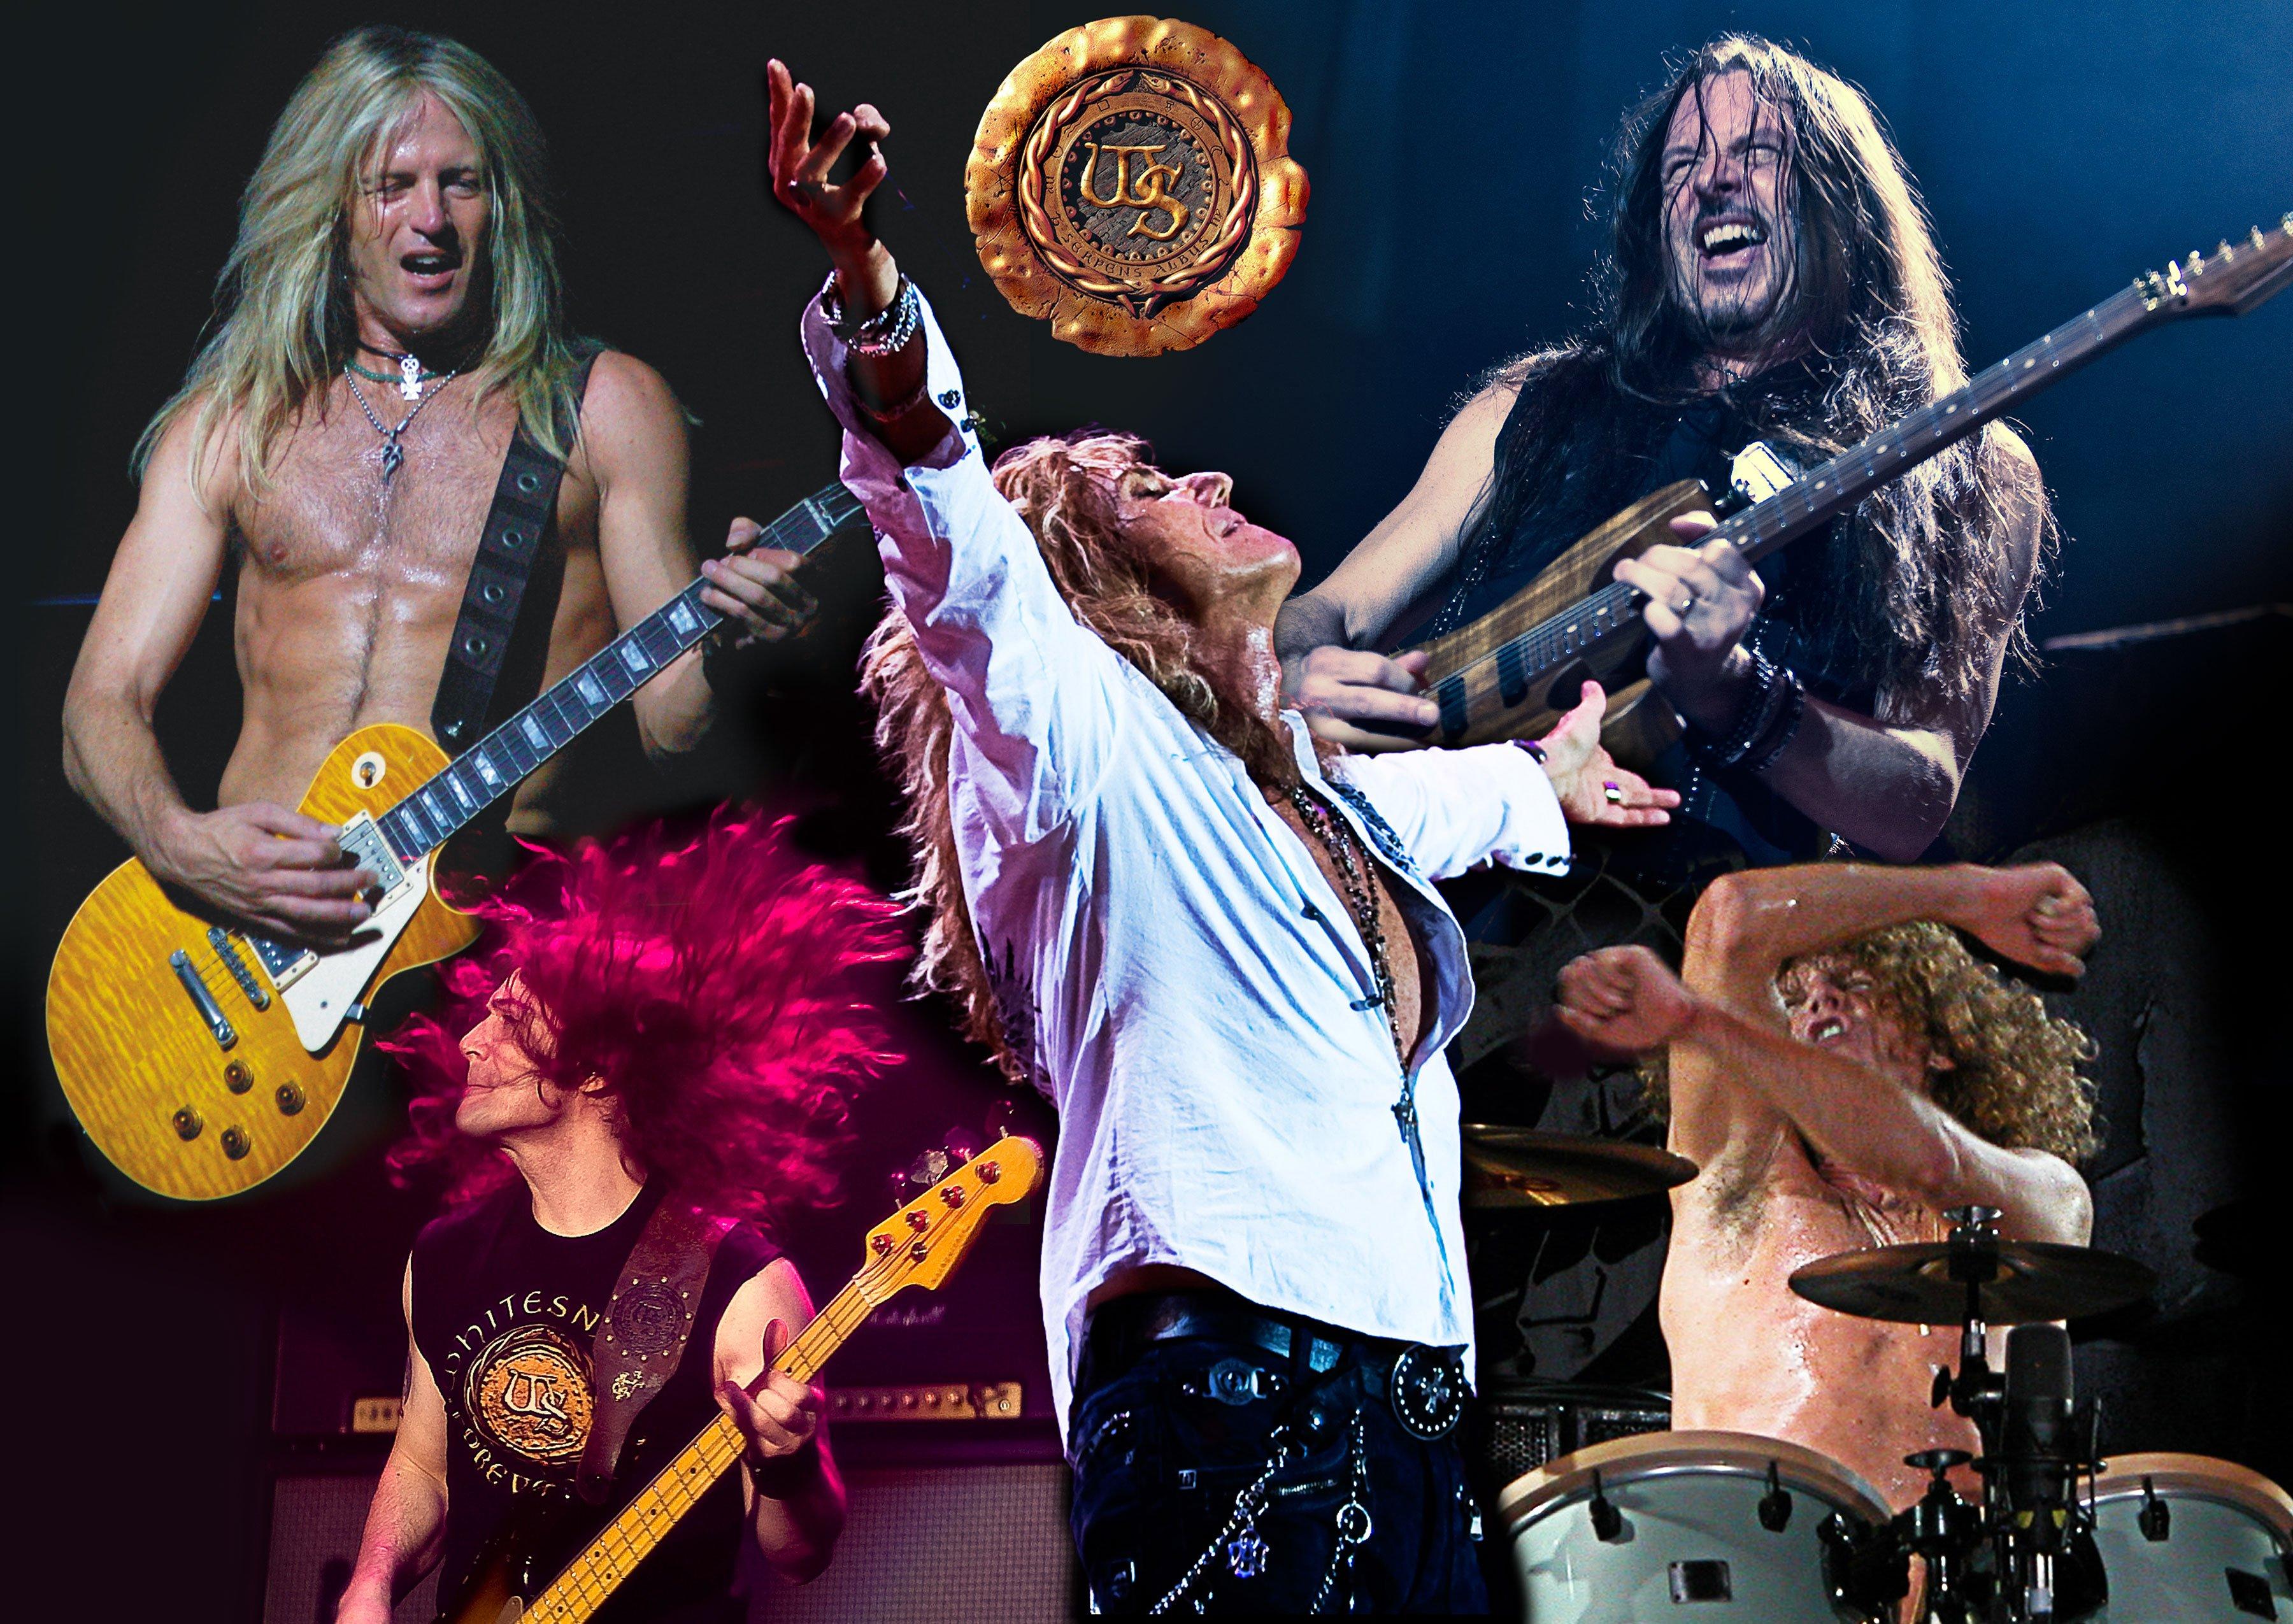 WHITESNAKE hair metal heavy hard rock poster concert 3600x2550